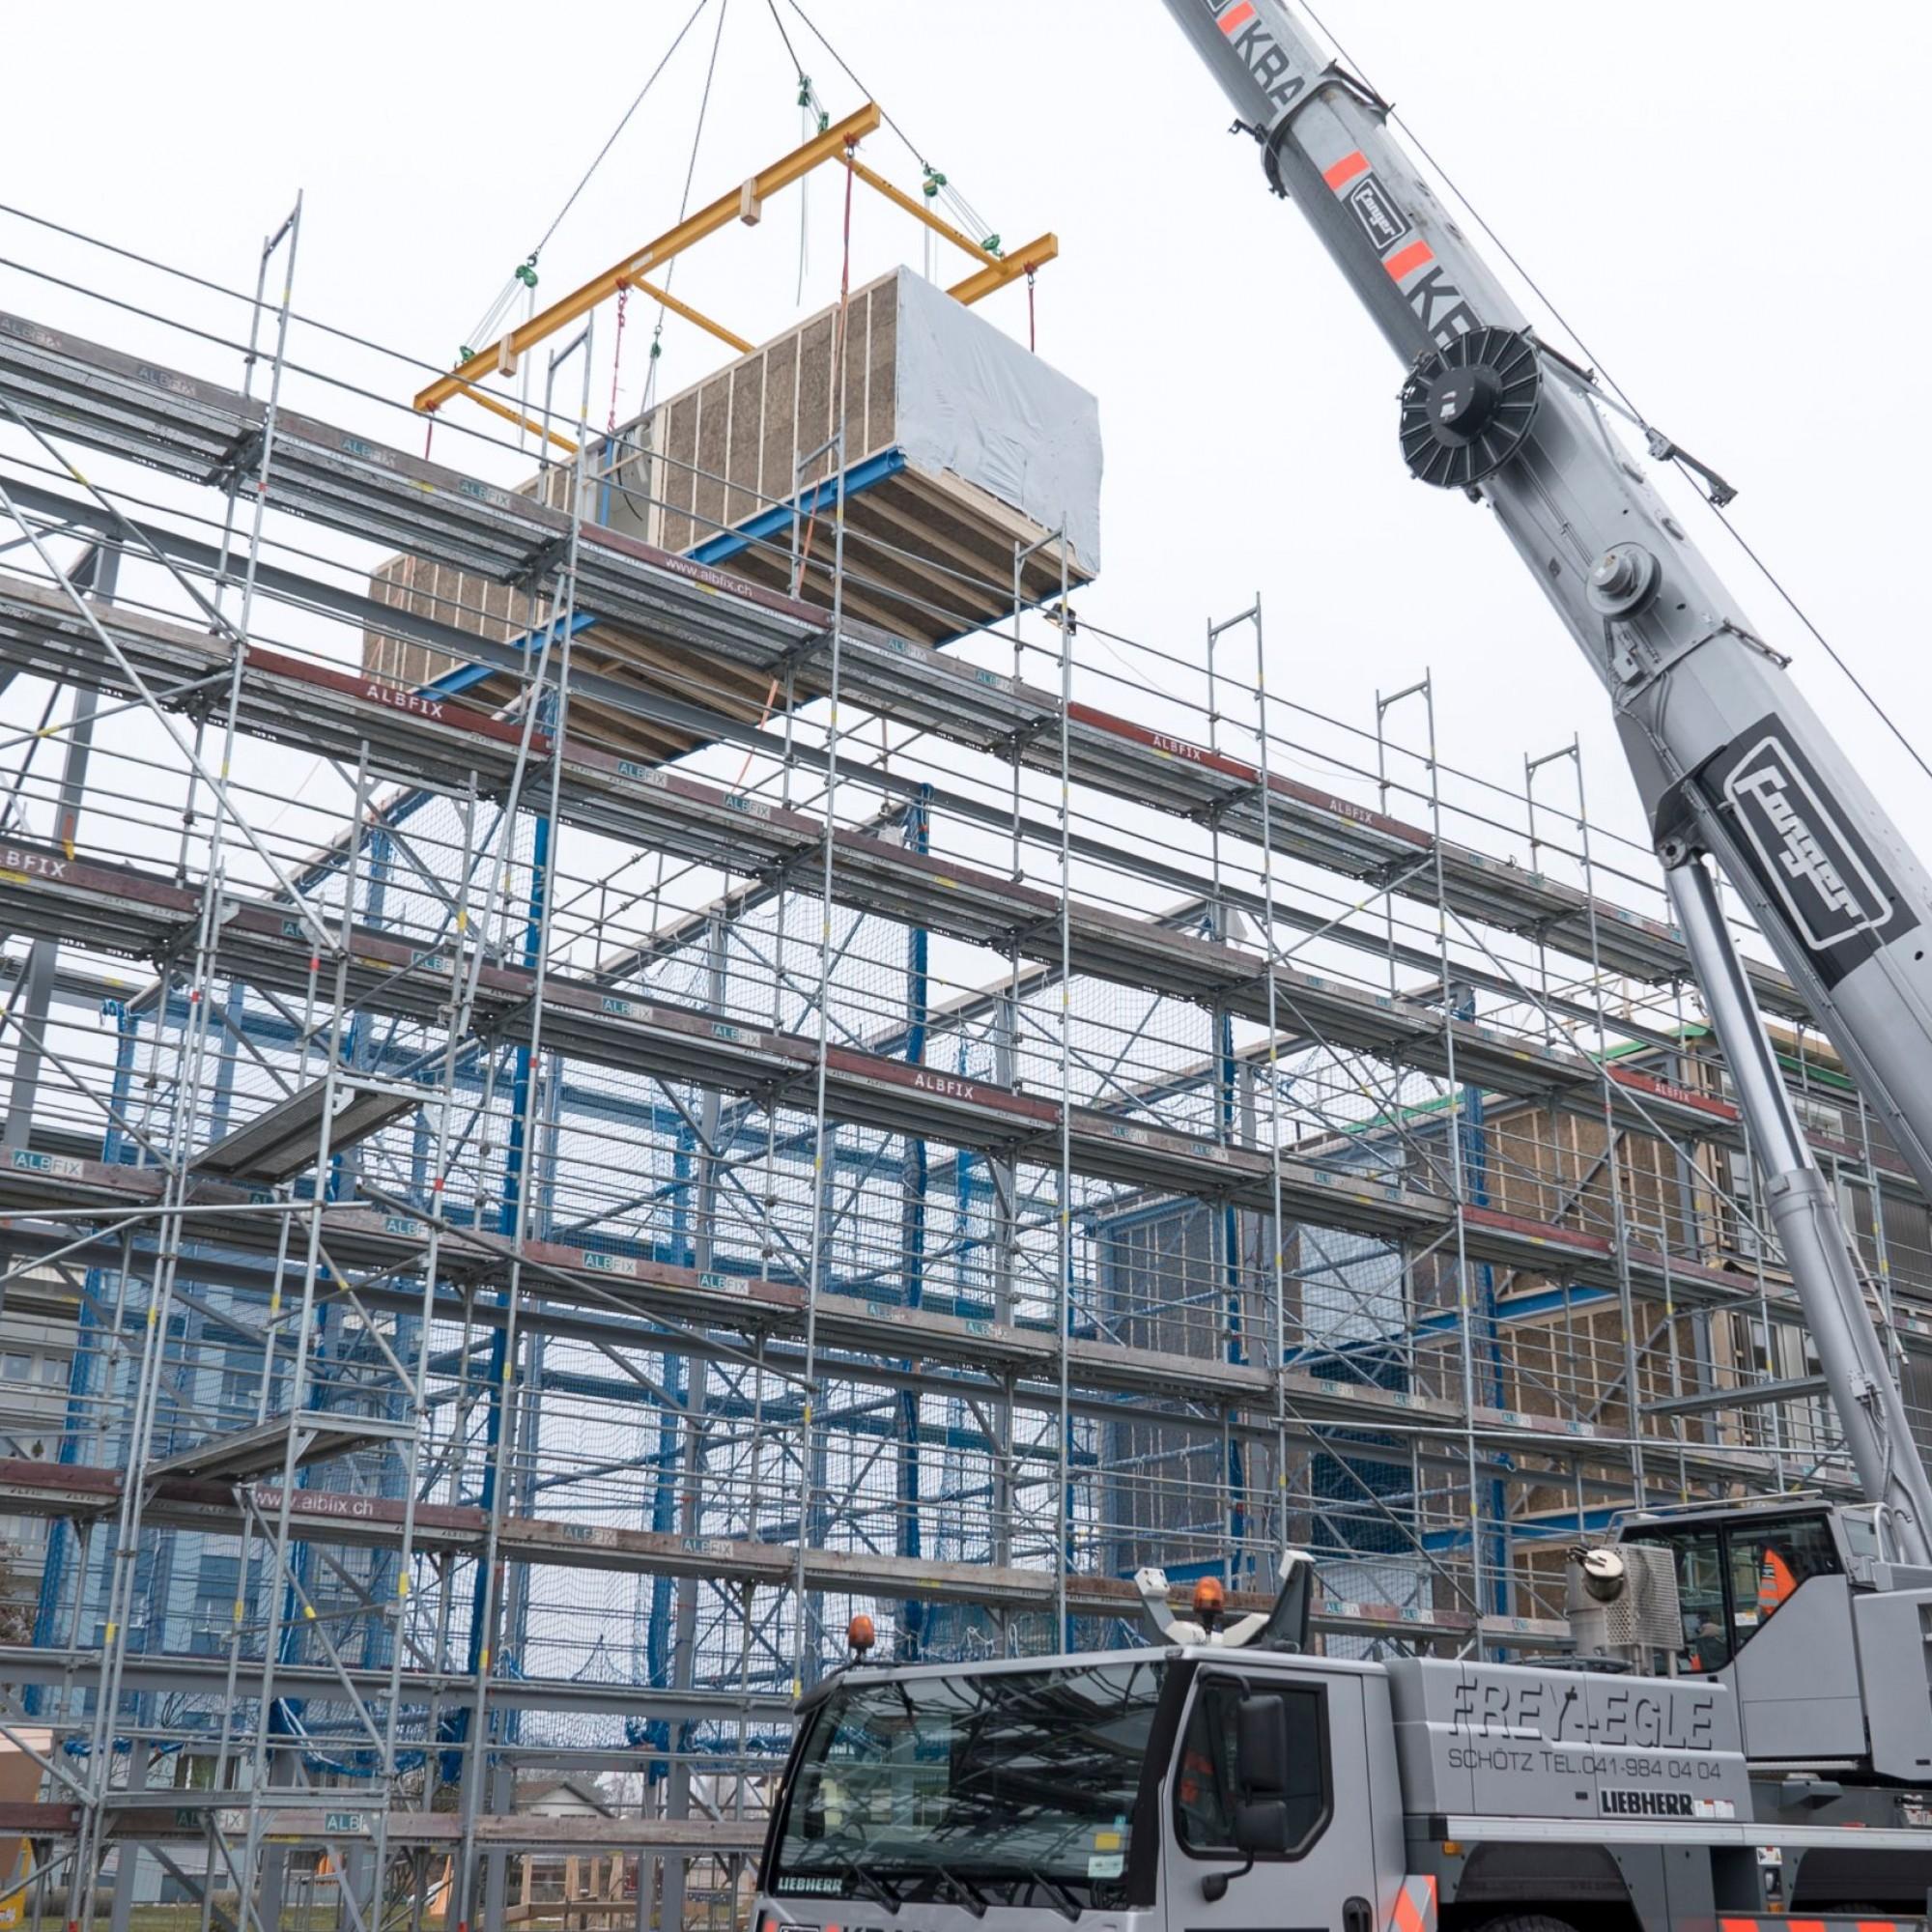 Während die Module noch in der Produktion stecken, wird in Lenzburg das Untergeschoss erstellt und die Stahlstruktur des Wohnhauses aufgebaut.